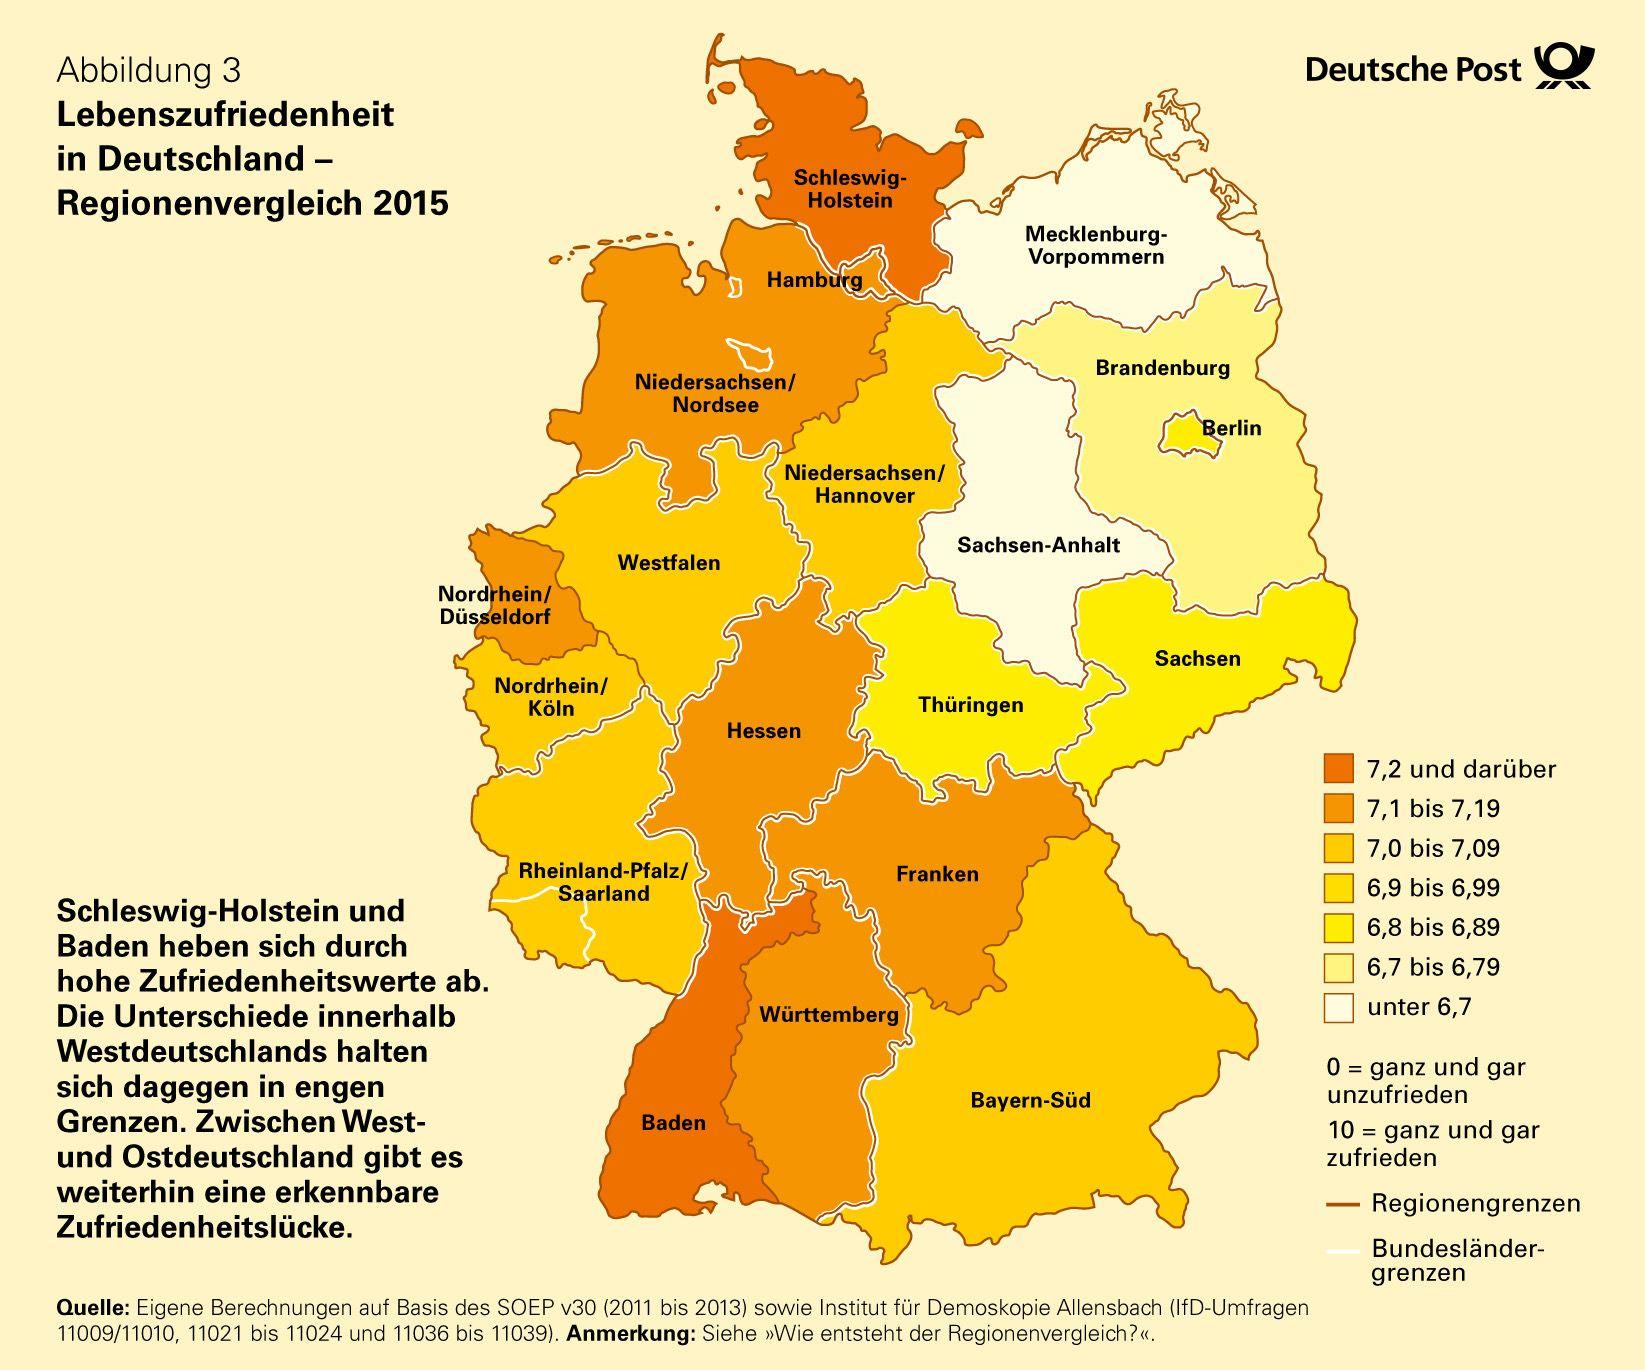 Lebenszufriedenheit-in-Deutschland-Regionenkarte